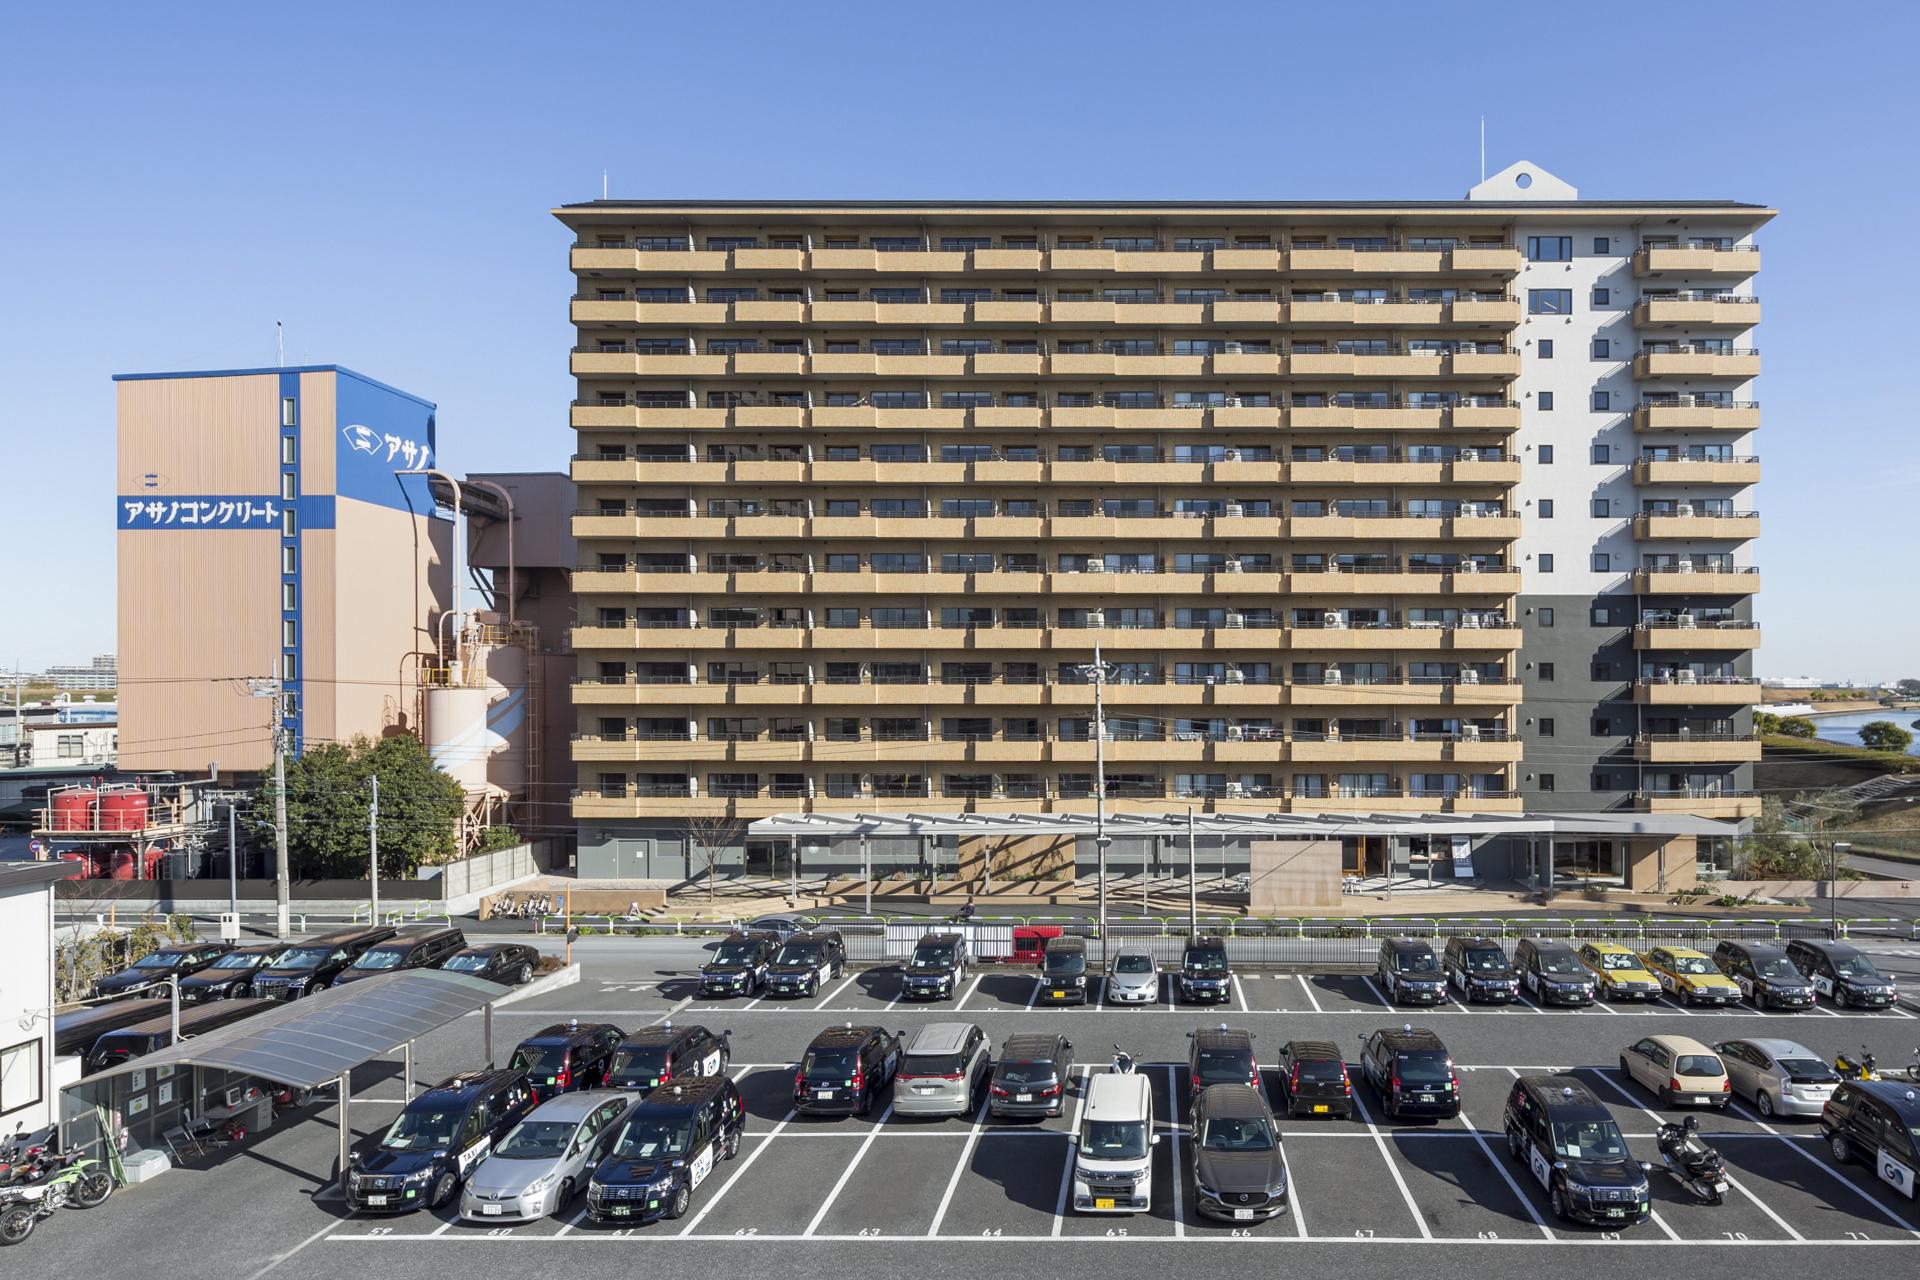 リノベーションプロジェクト・リノア北赤羽竣工・新建築2月号に掲載